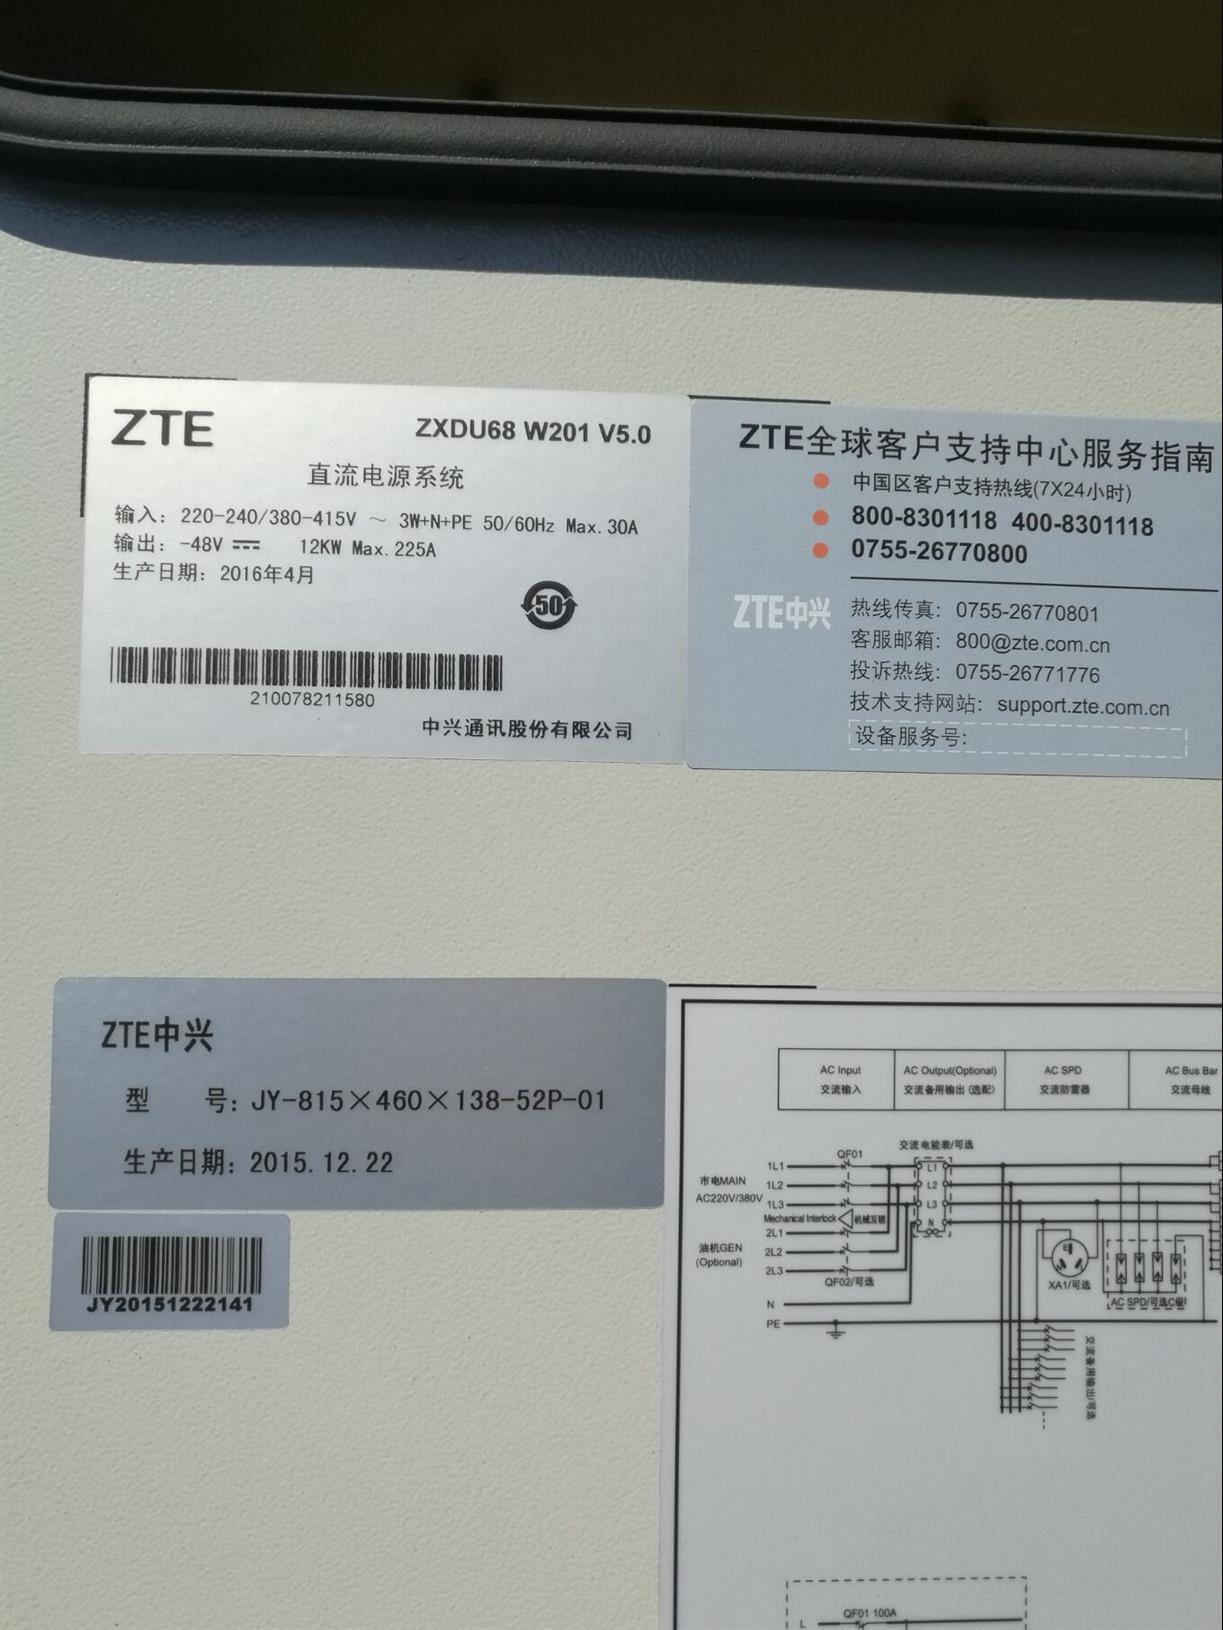 蚌埠中兴ZXDU68W201室外电源报价